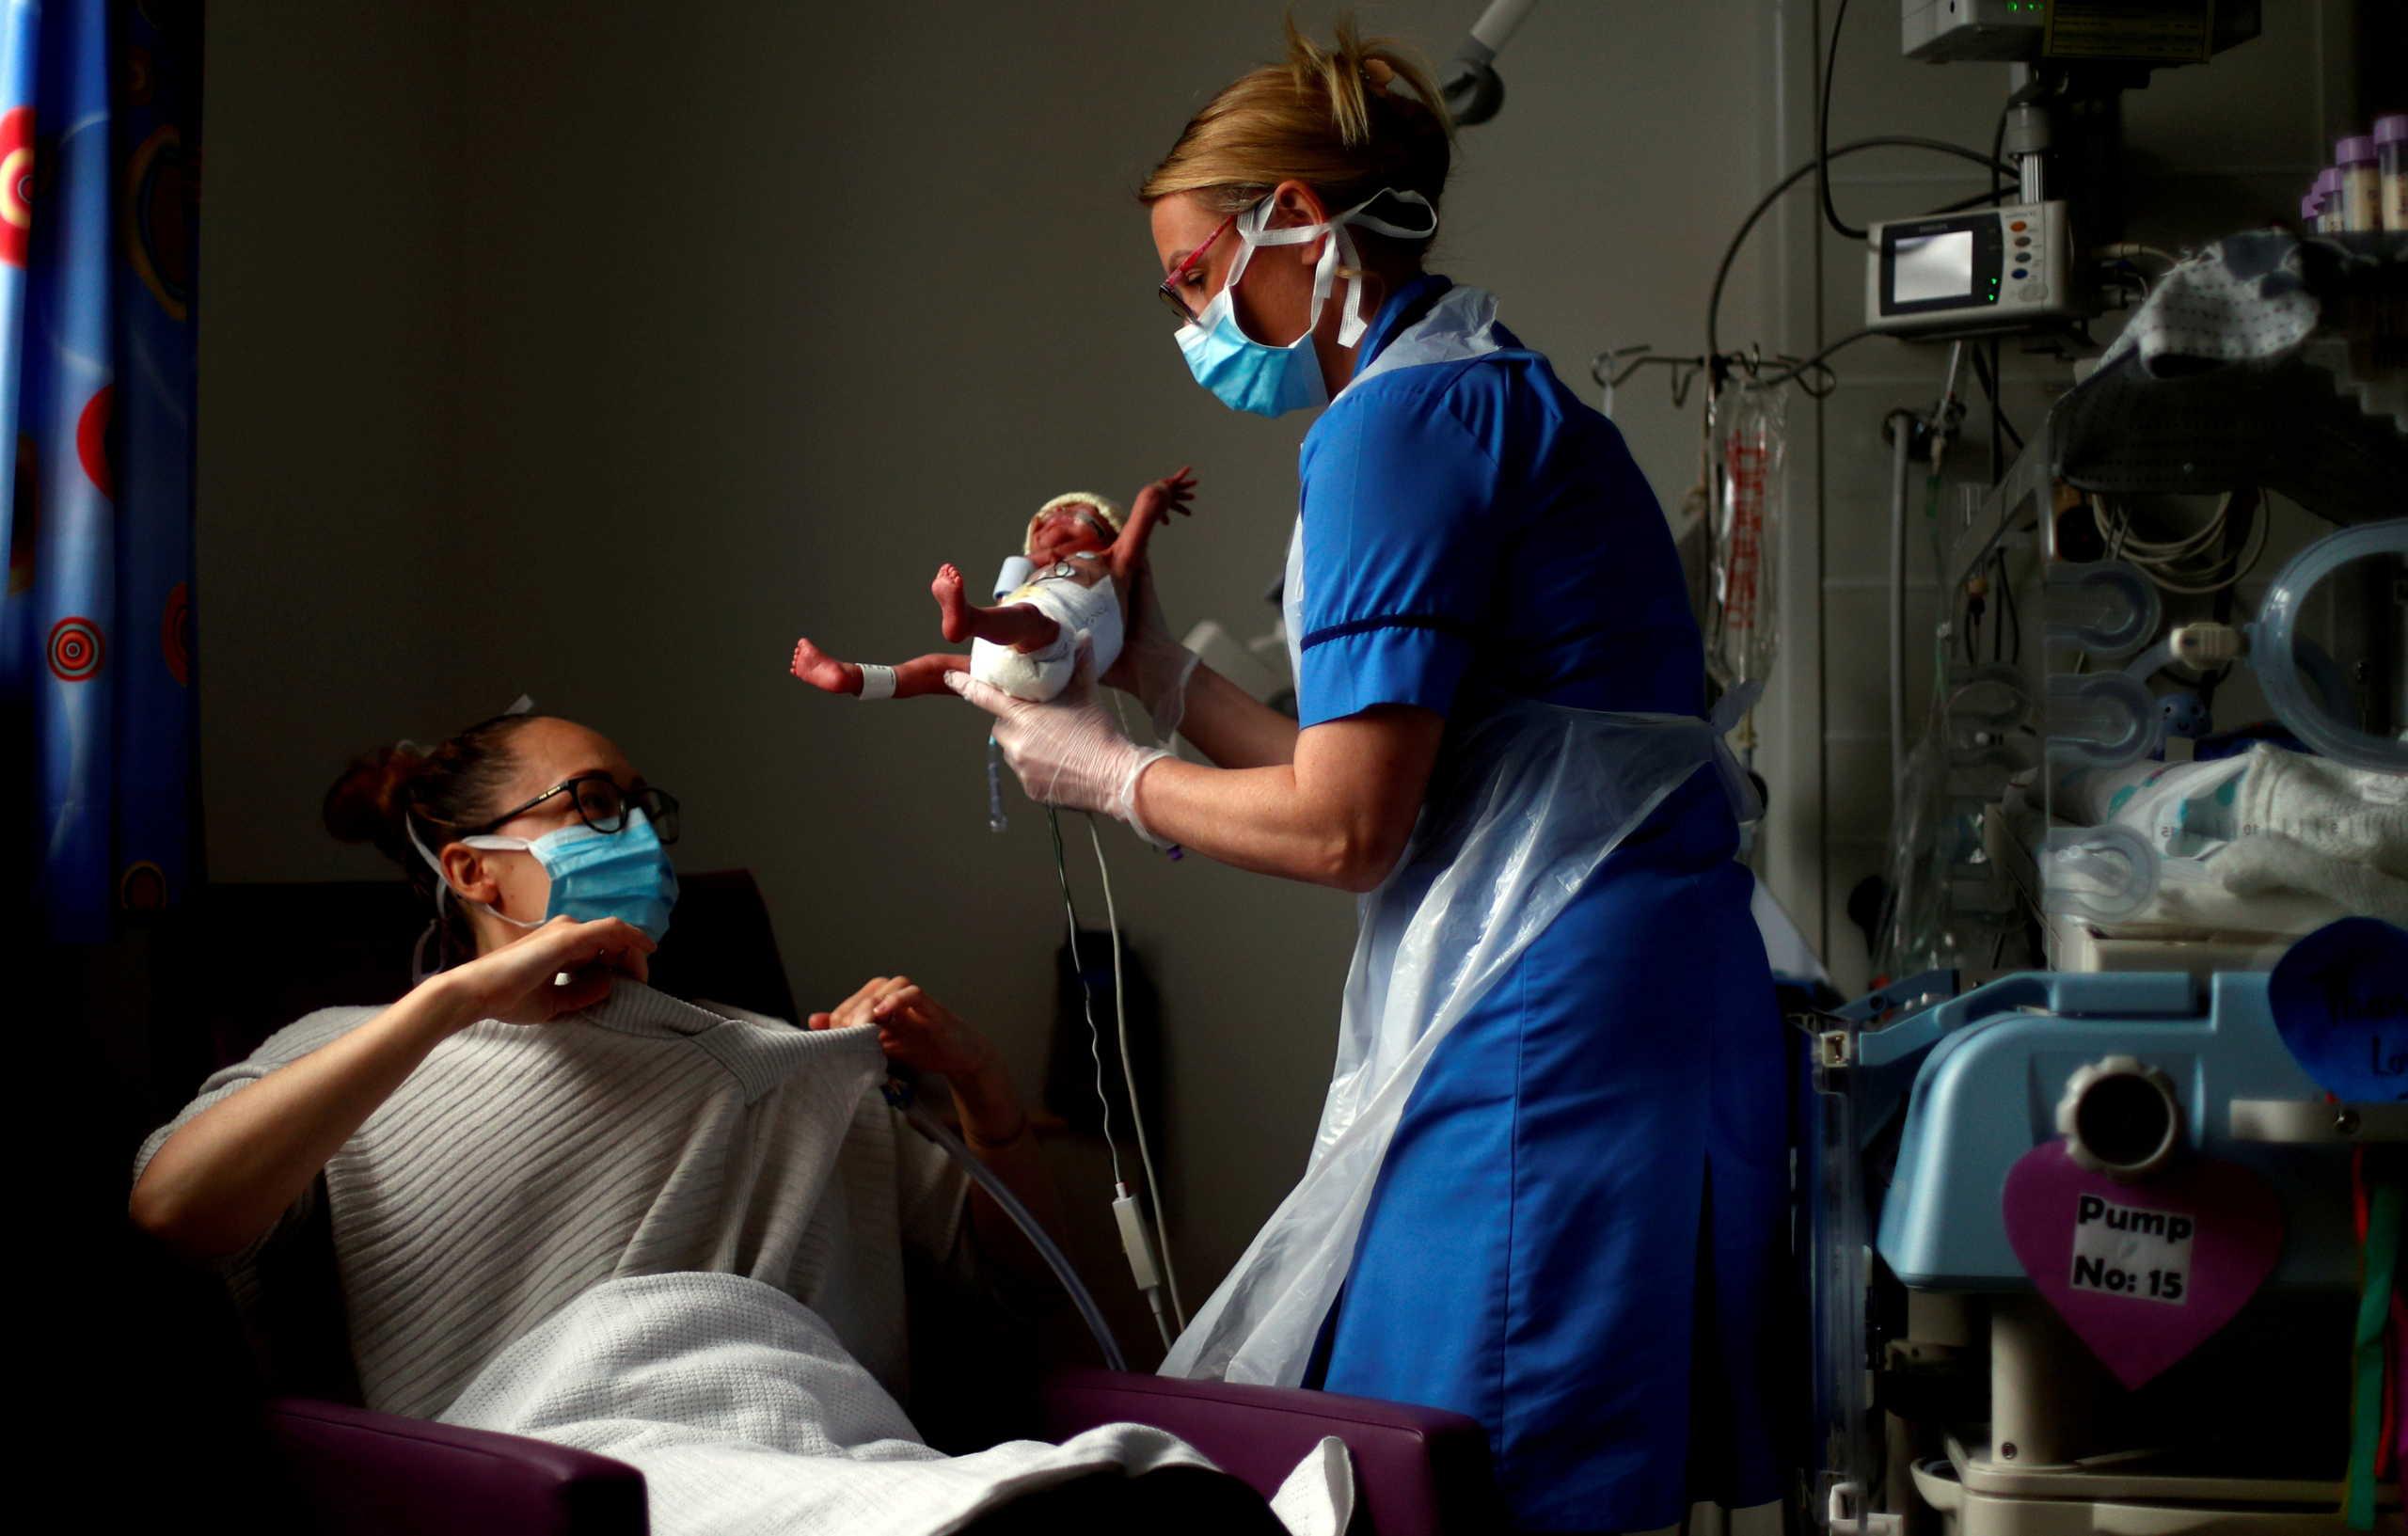 Αυξημένος ο κίνδυνος νοσηλείας για παιδιά που έχουν γεννηθεί με καισαρική